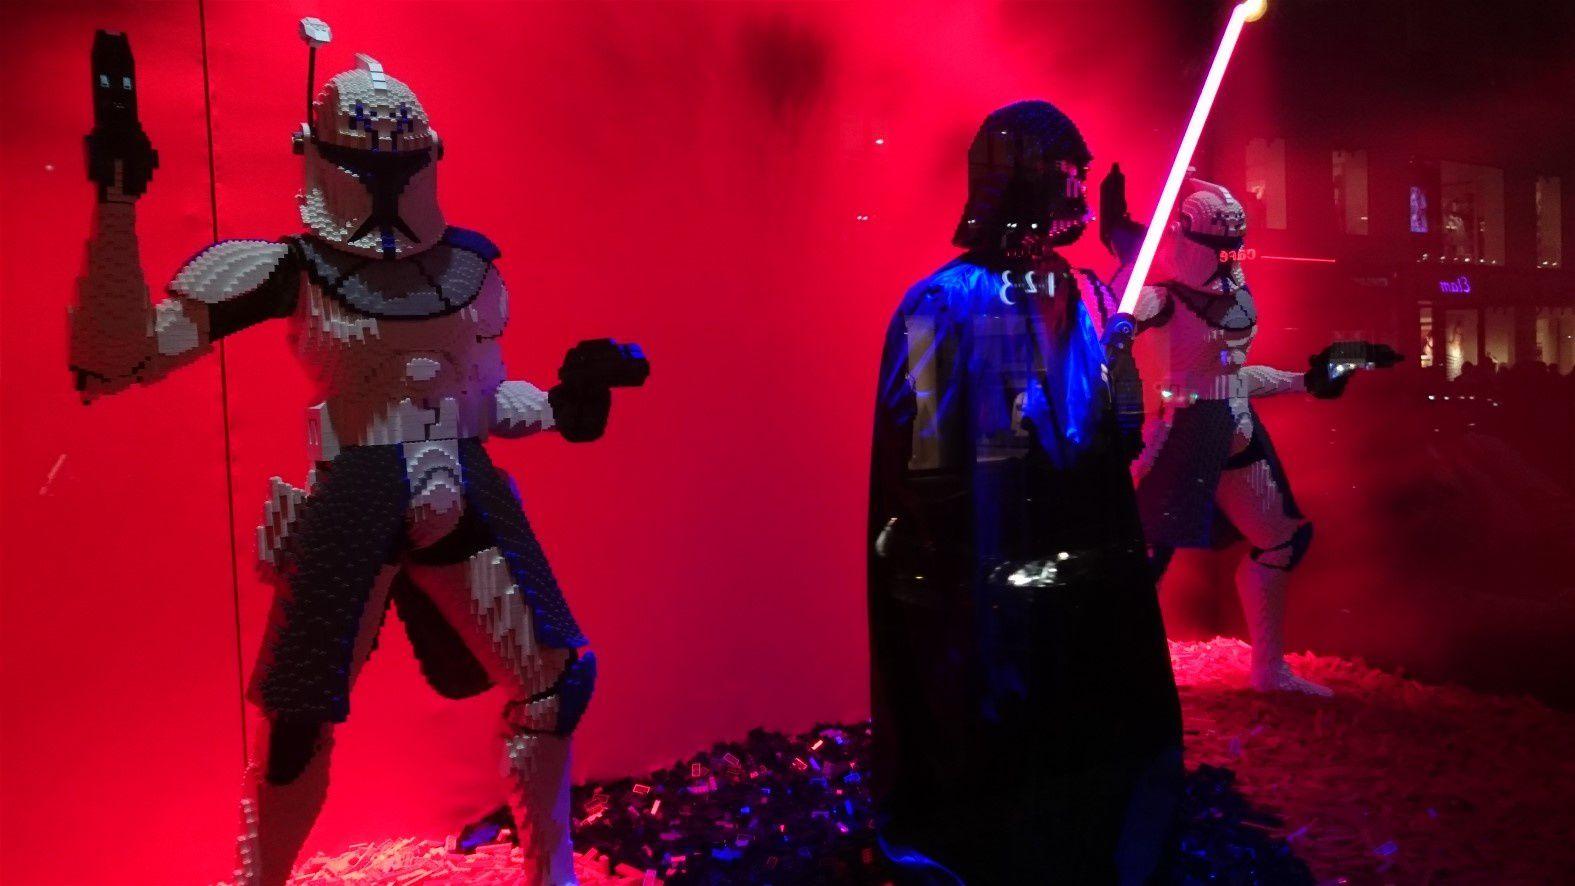 Stormtroopers et Kylo Ren en lego